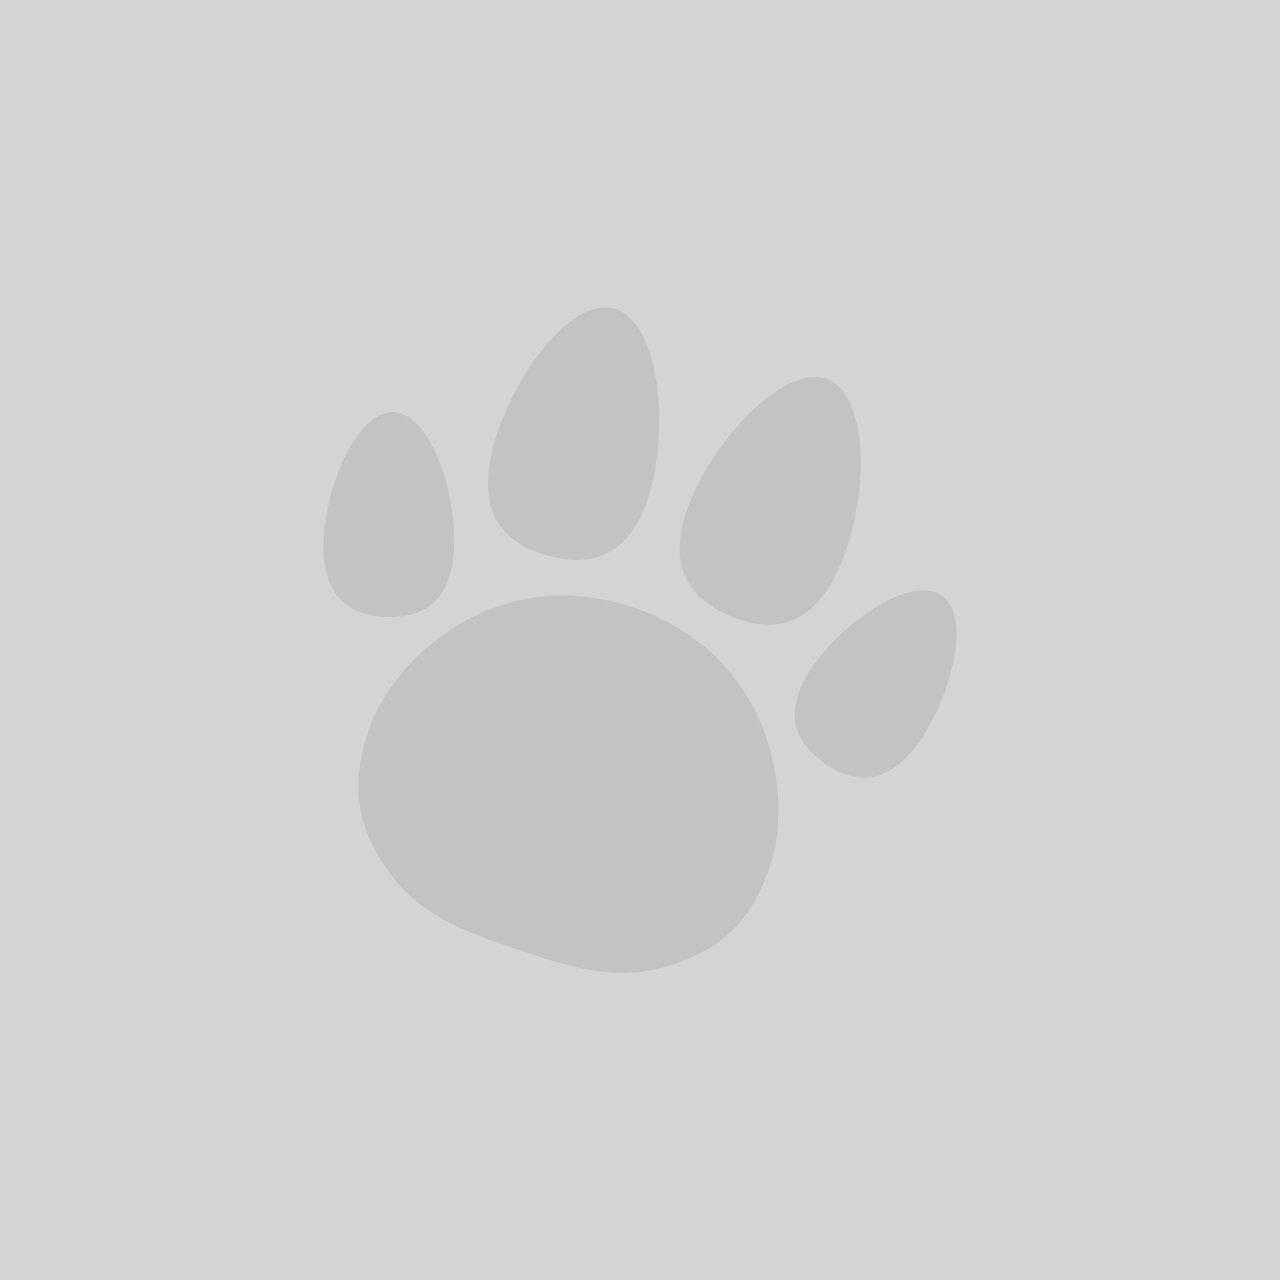 Jollyes Byotrol Dog Grooming Wipes